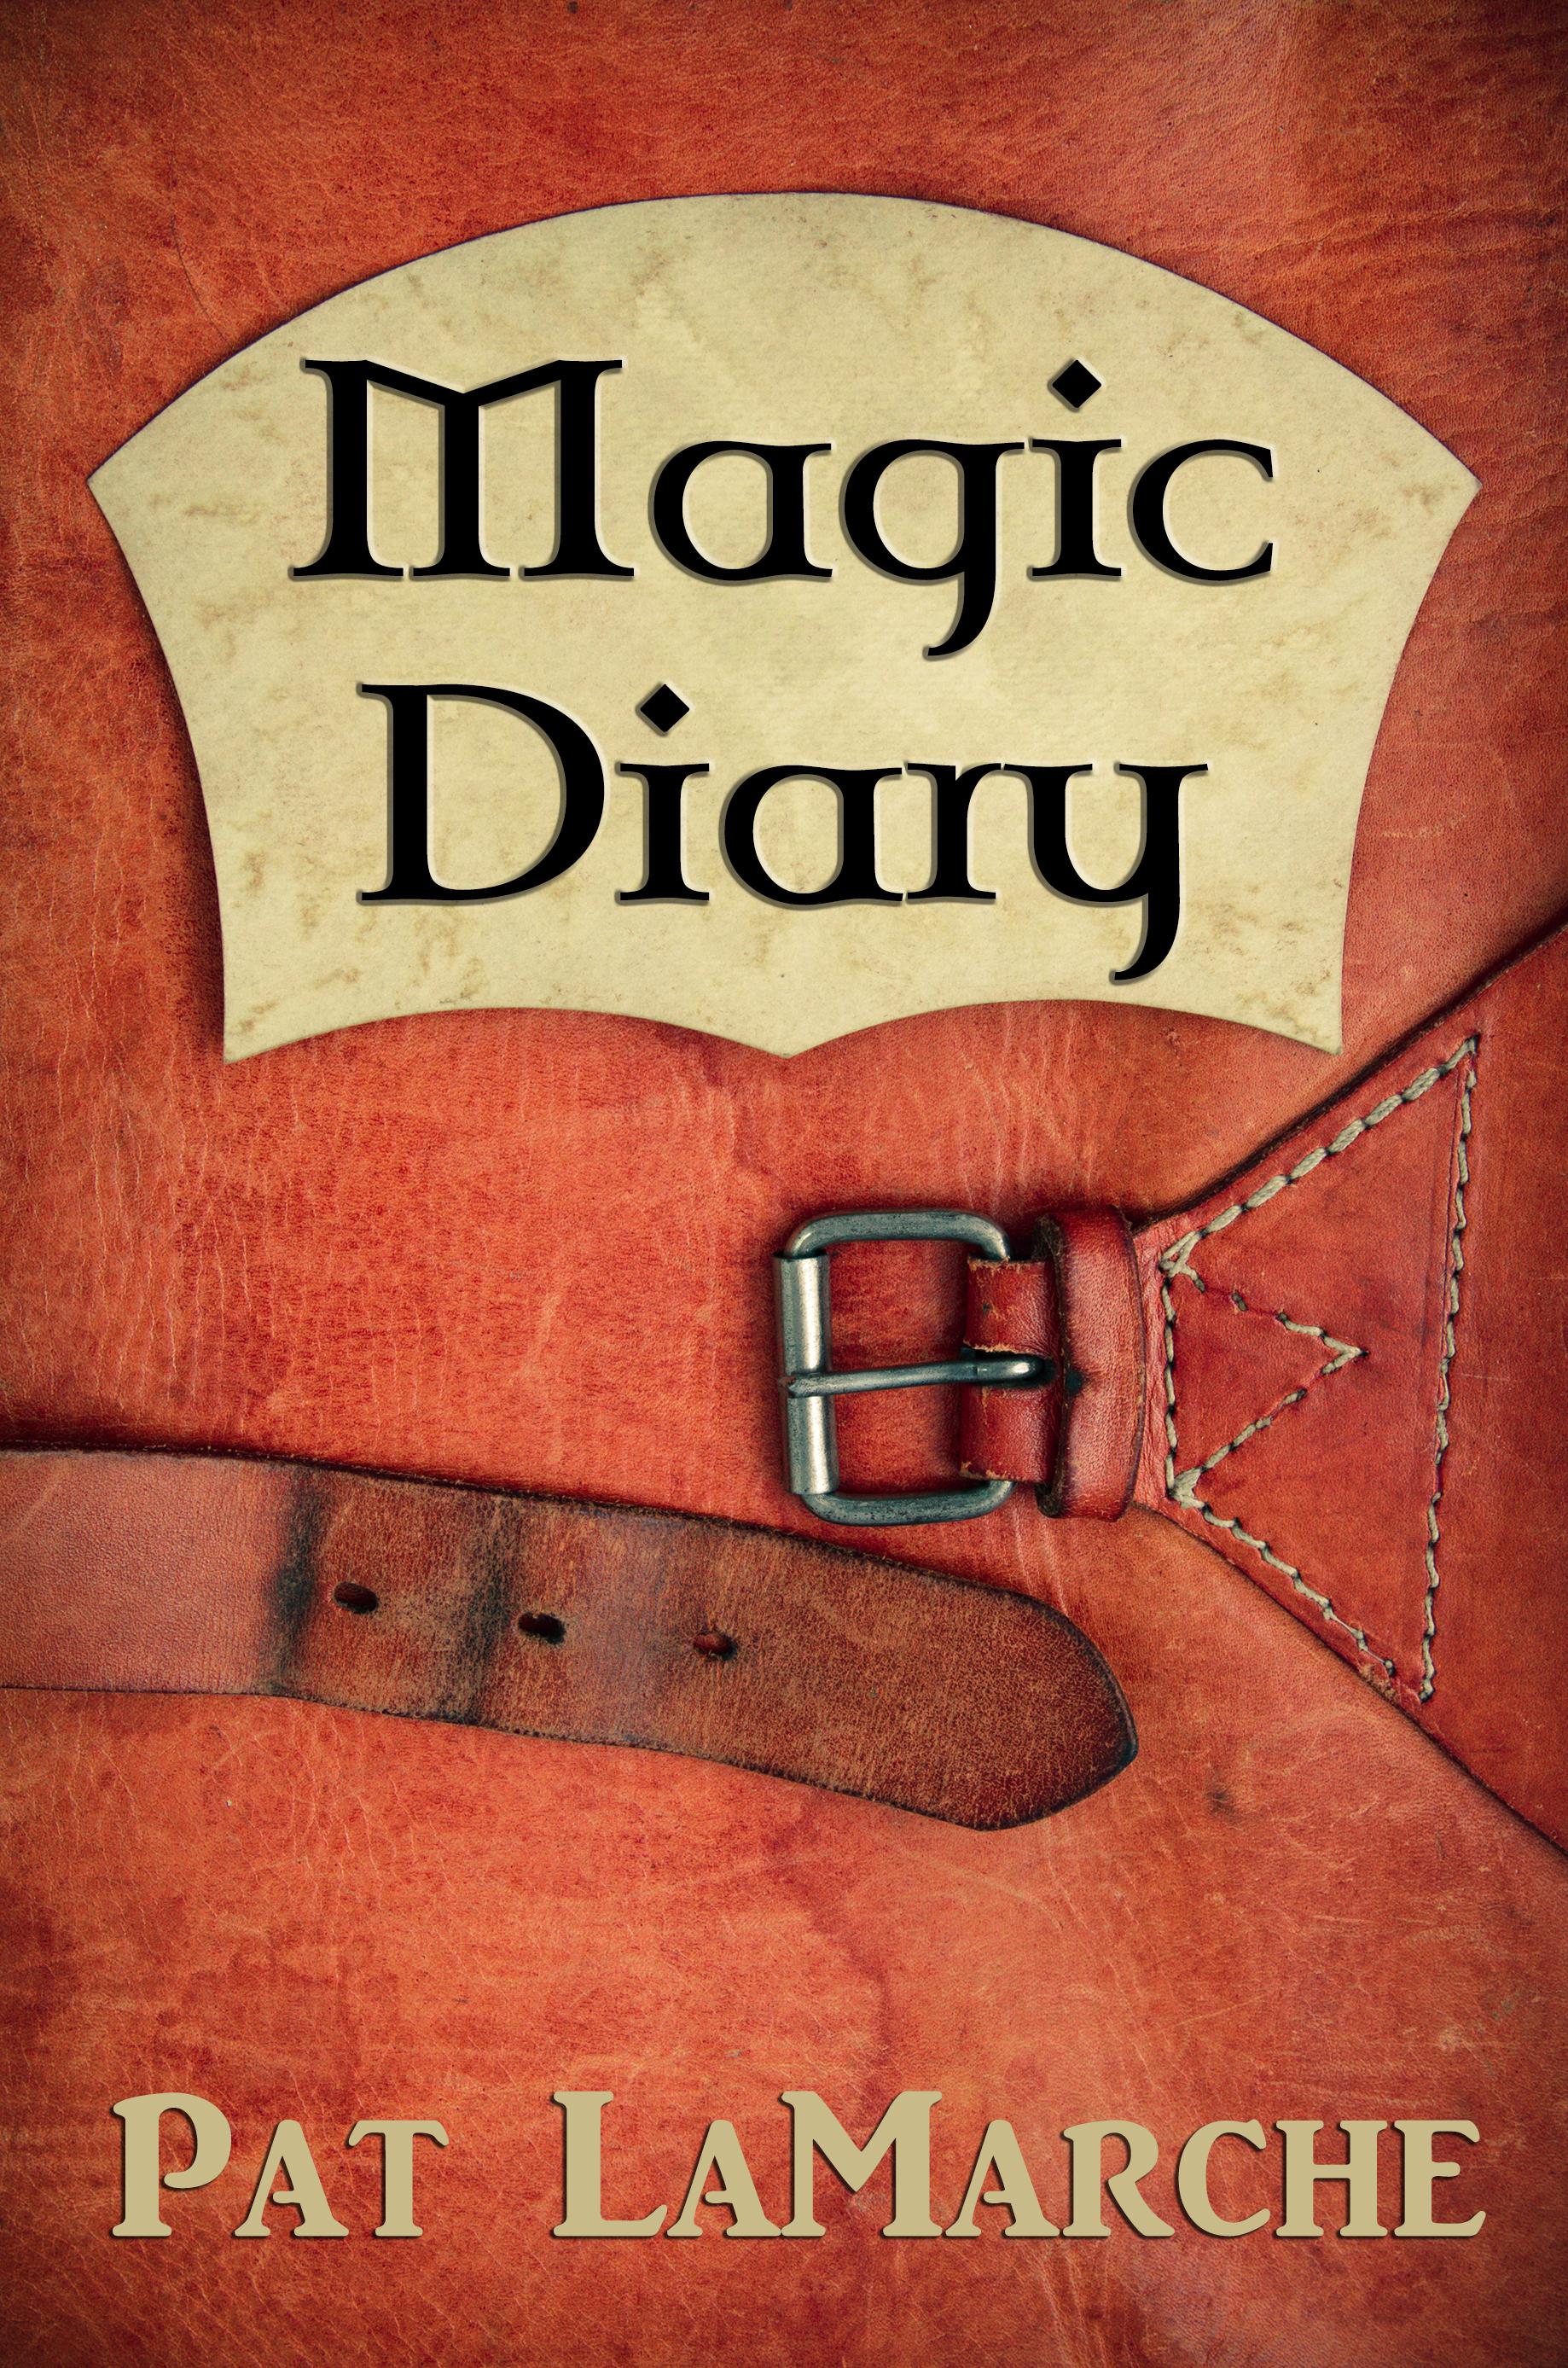 Magic Diary - Pat LaMarche 300dpi.jpg